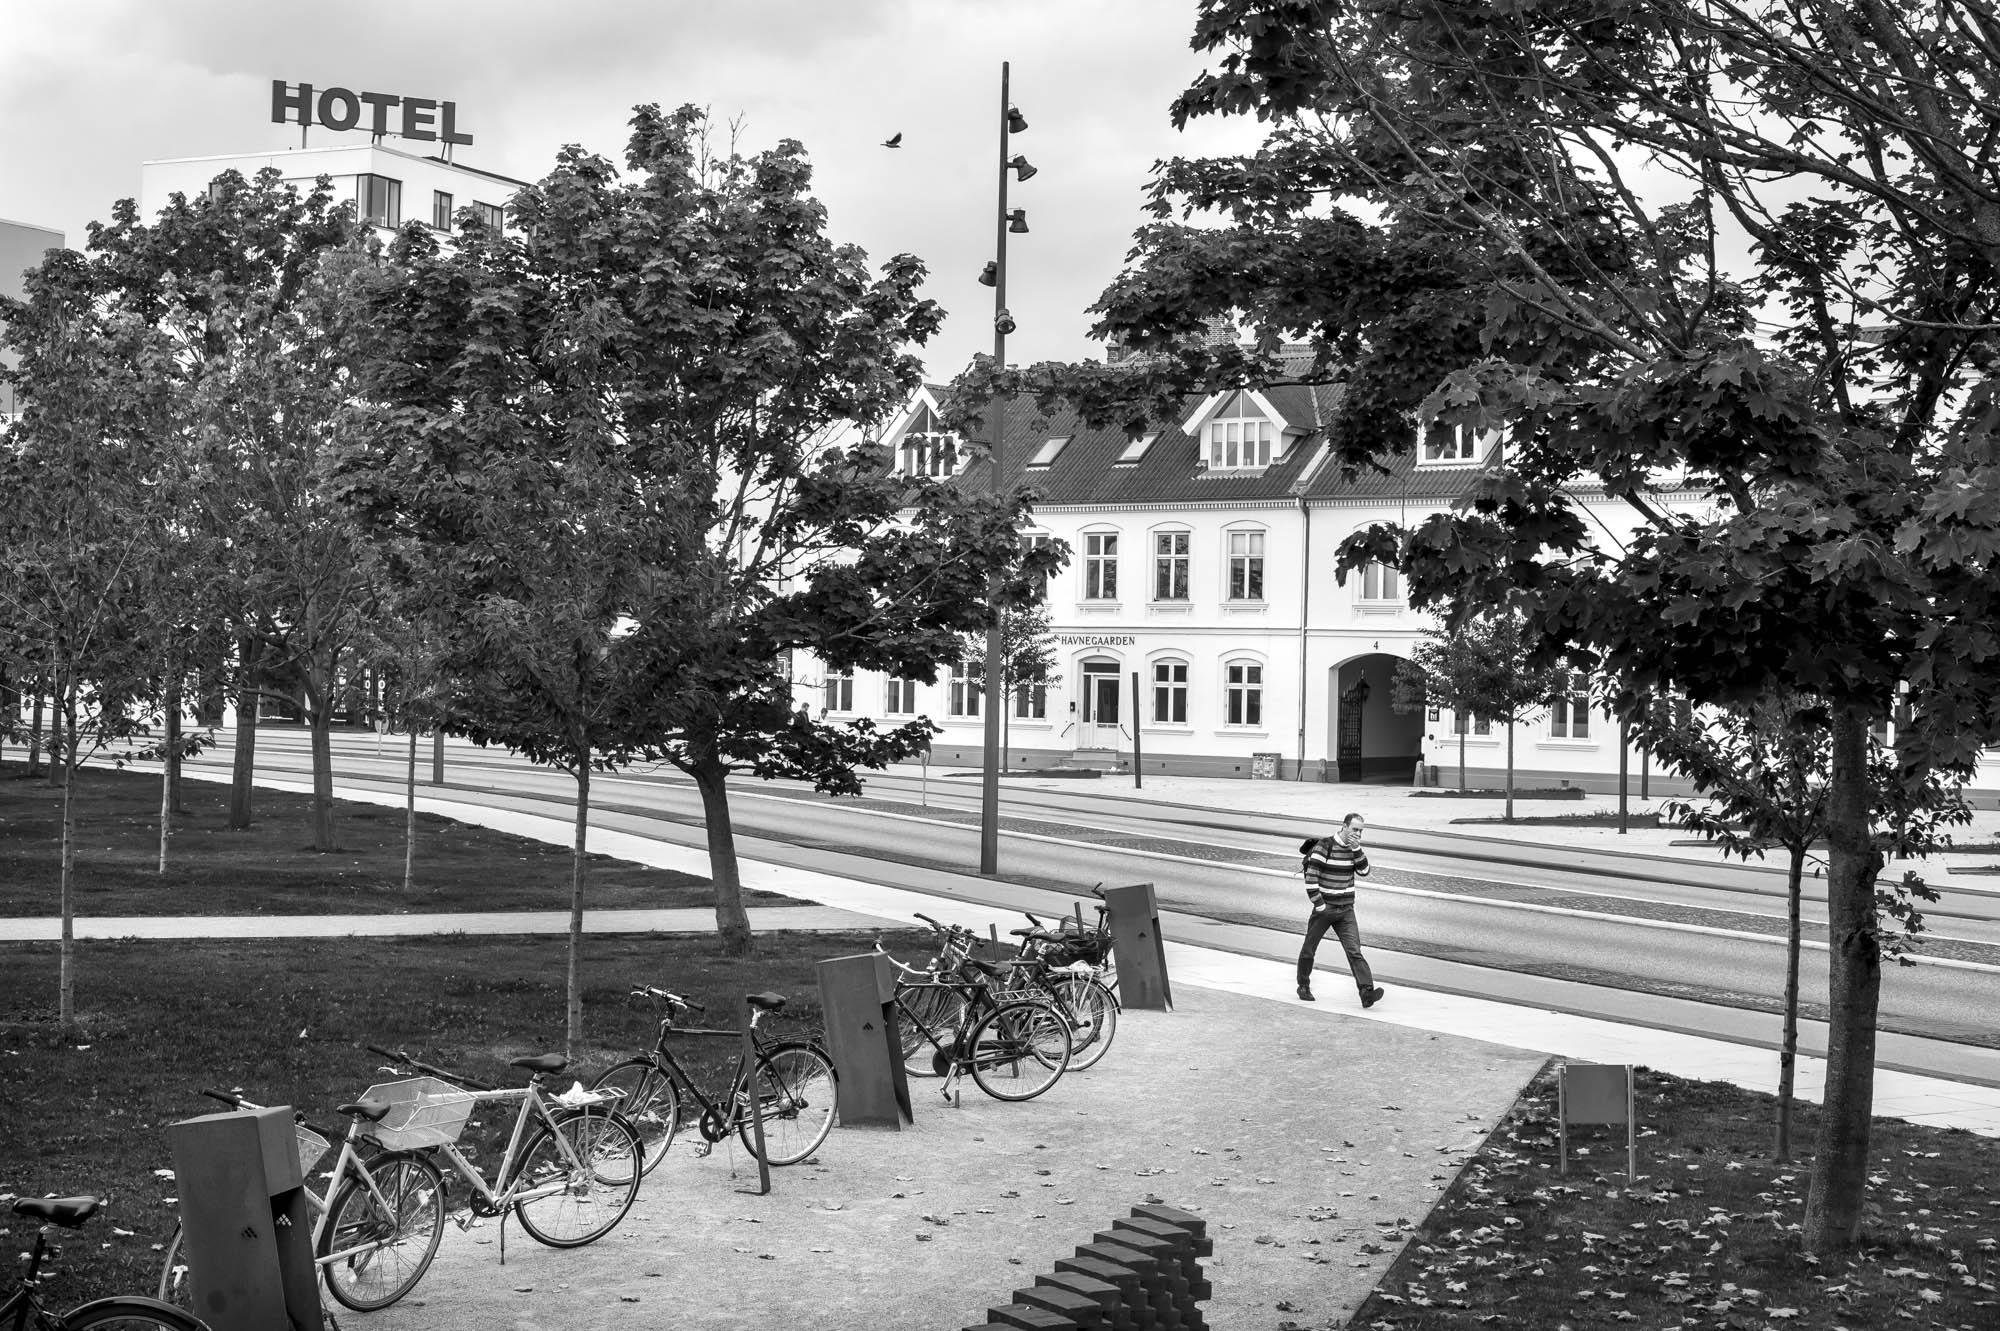 hotelskilt-1